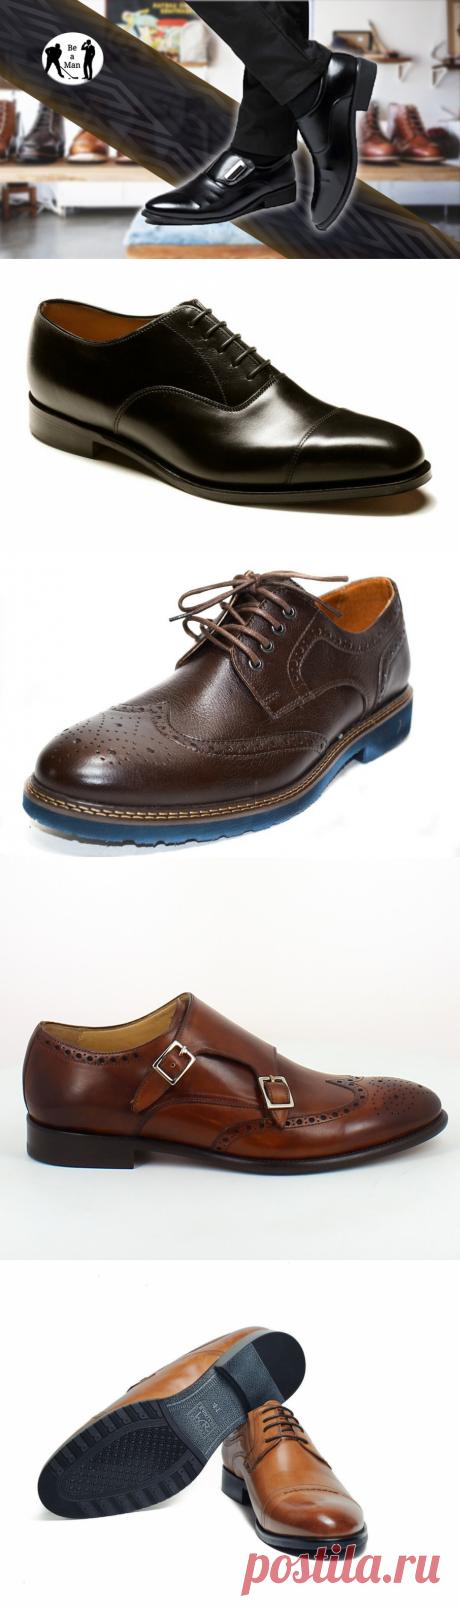 7 видов мужских туфель. Как отличать и с чем носить   Быть мужчиной   Яндекс Дзен